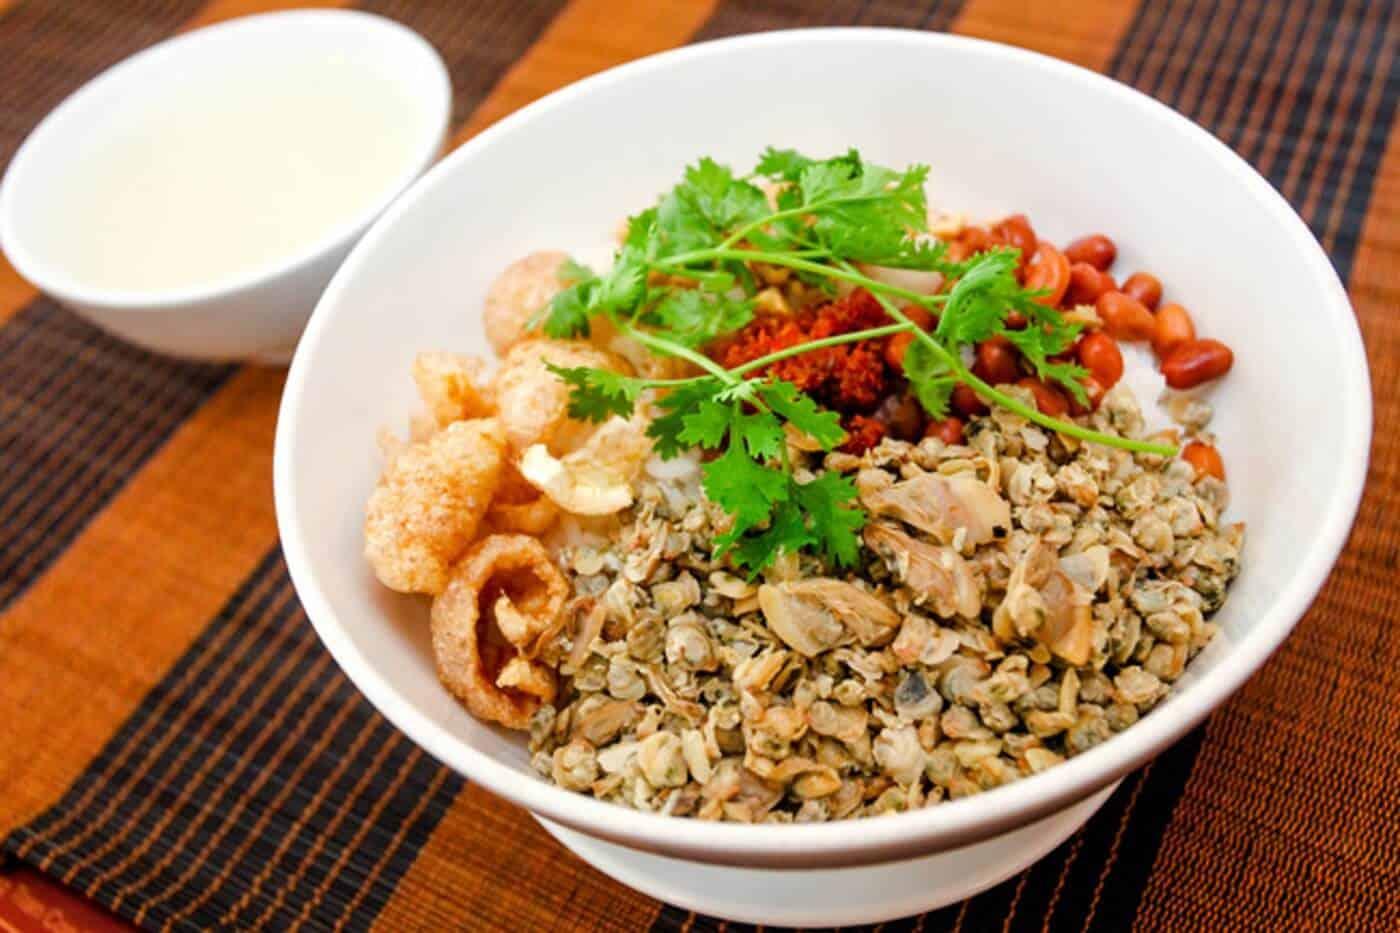 Cơm hến Huế - Một món ăn dân dã đậm chất Cố đô 1